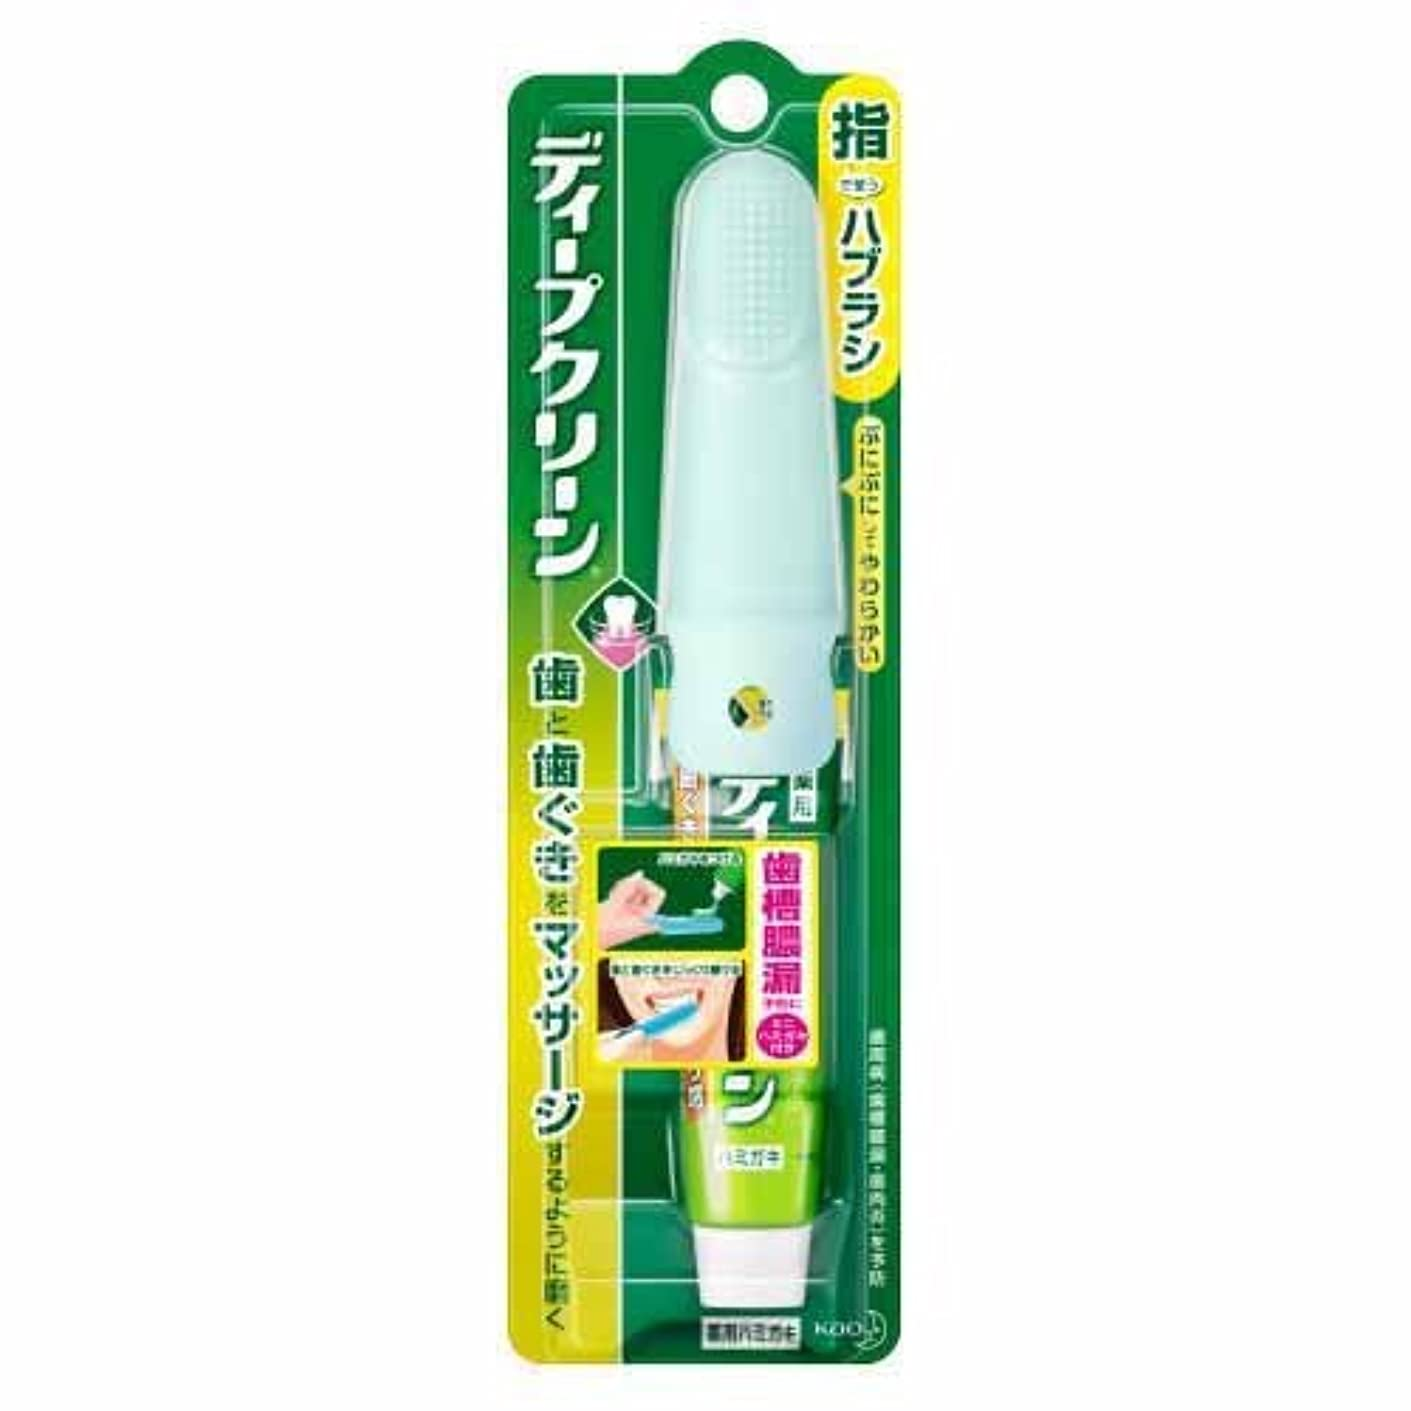 バランスメーターポーク花王 ディープクリーン 指で使うハブラシ(ミニハミガキ ねっとりタイプ15g付き) 1本